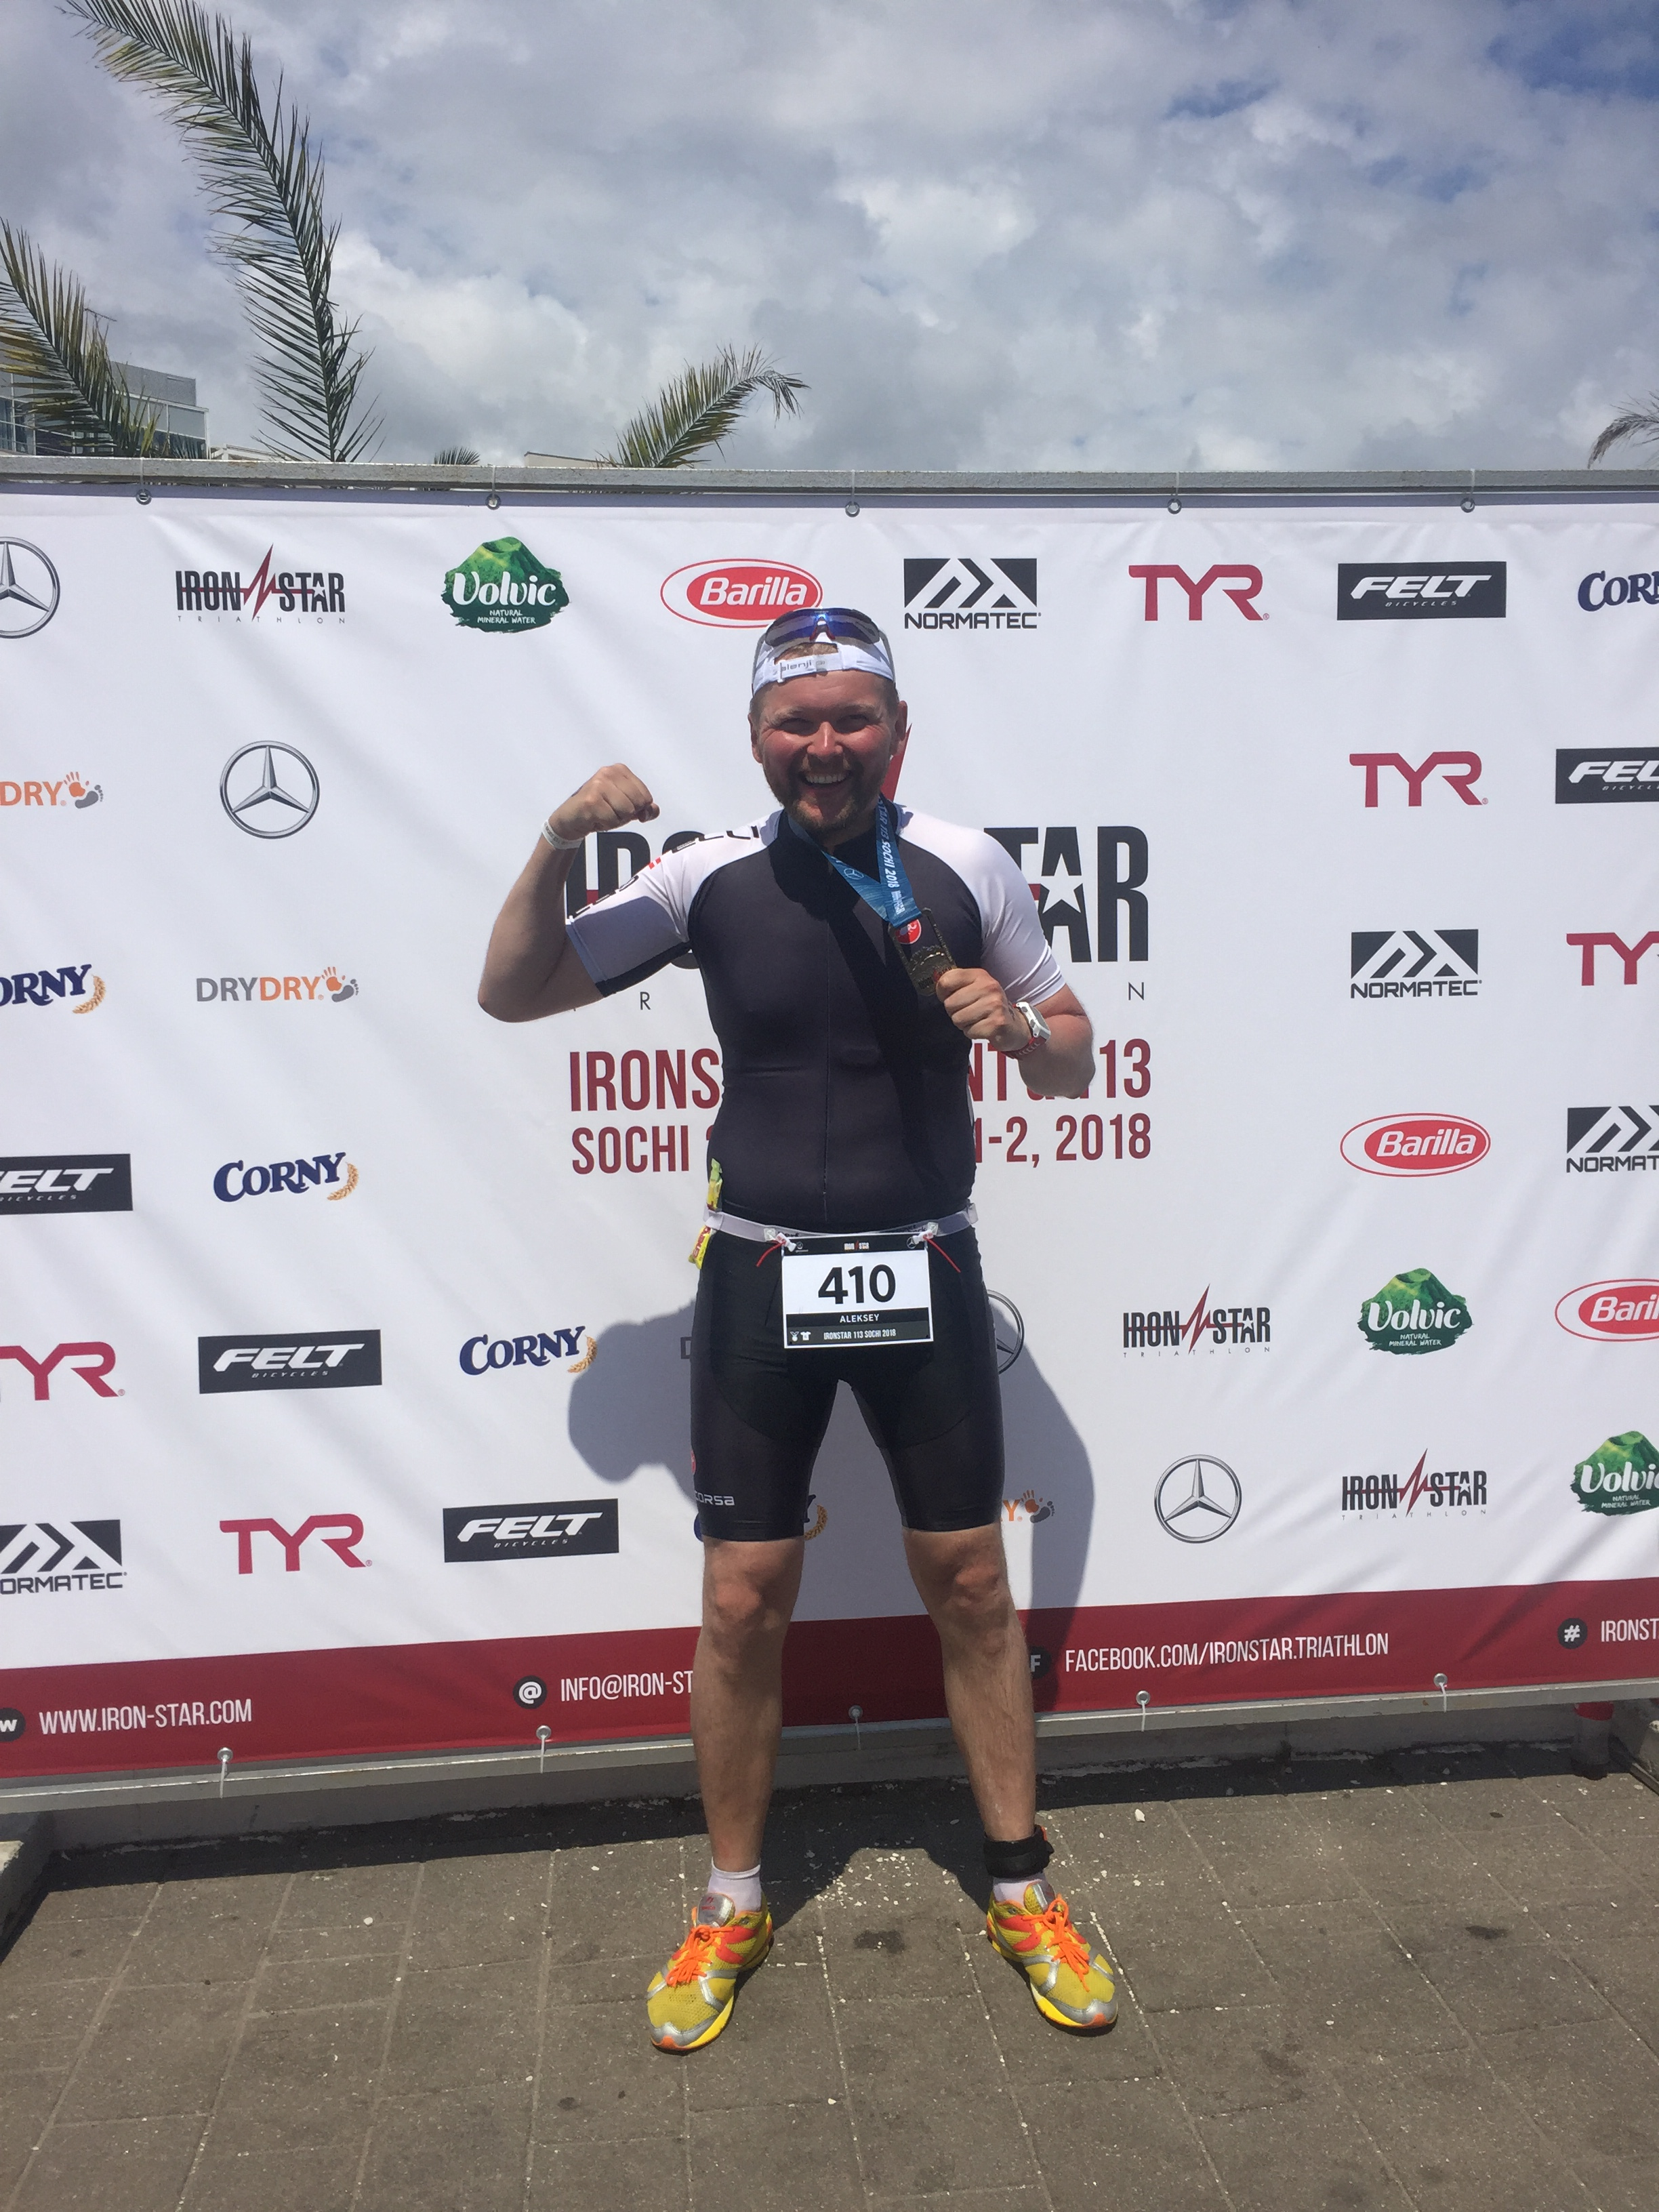 После финиша на Ironstar 133 Sochi